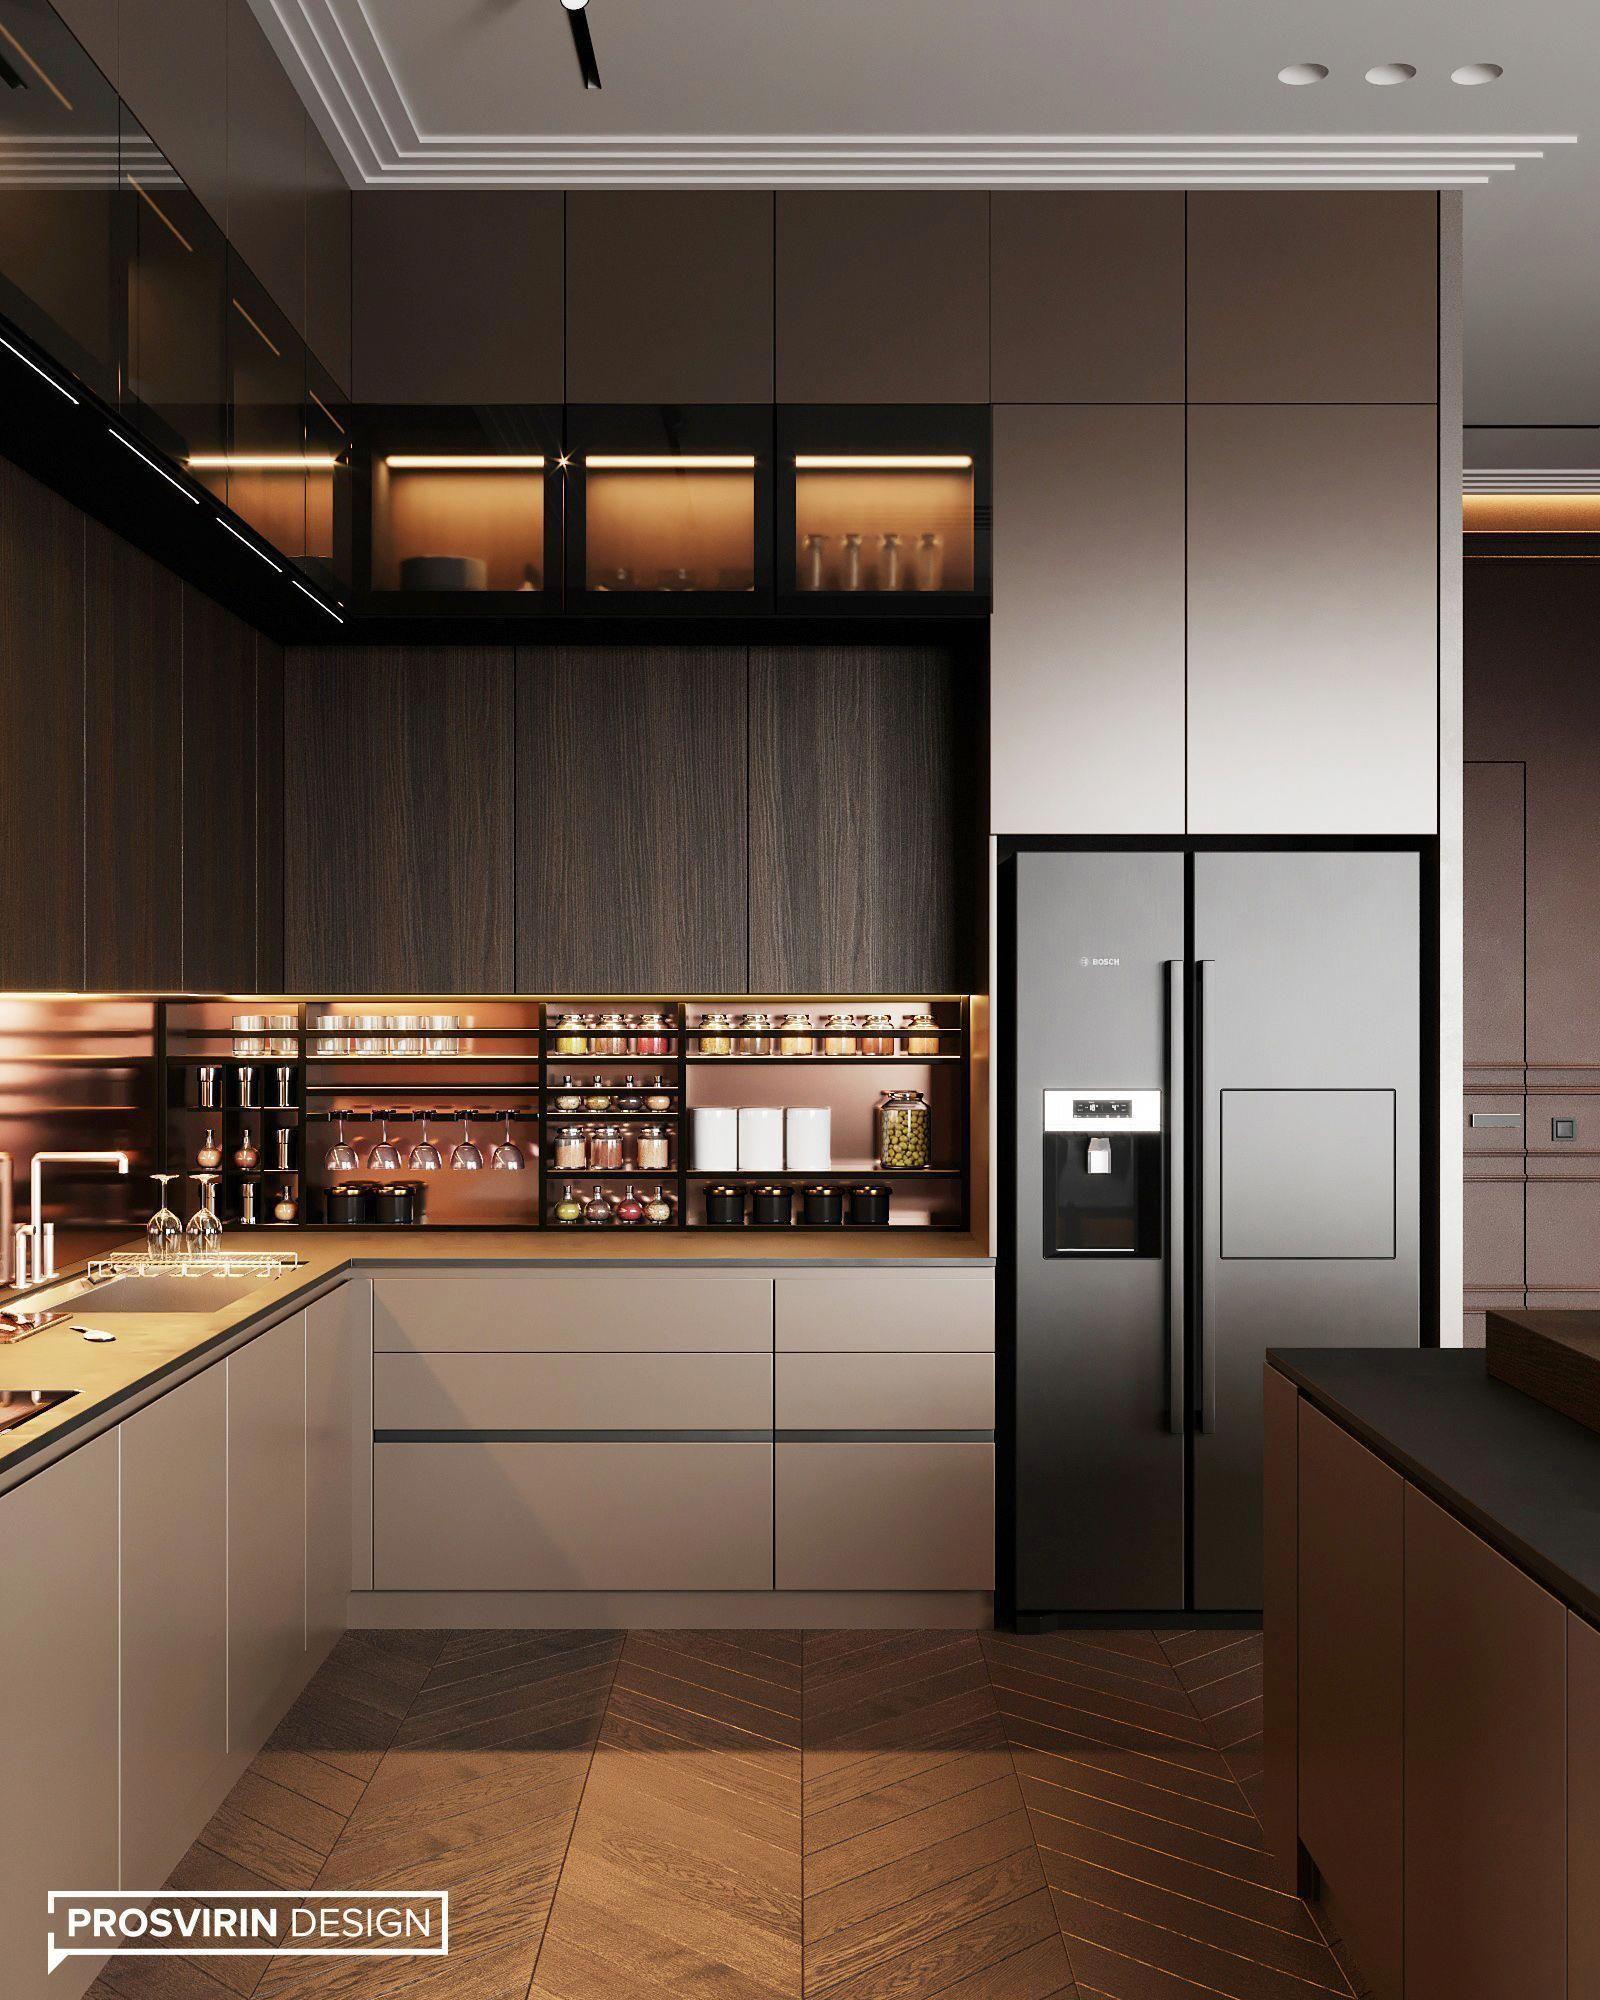 Contemporary Kitchen Design Benefits And Types Of Contemporary Kitchen Contemporary Kitchen Design In 2020 Kitchen Room Design Elegant Kitchen Design Kitchen Design